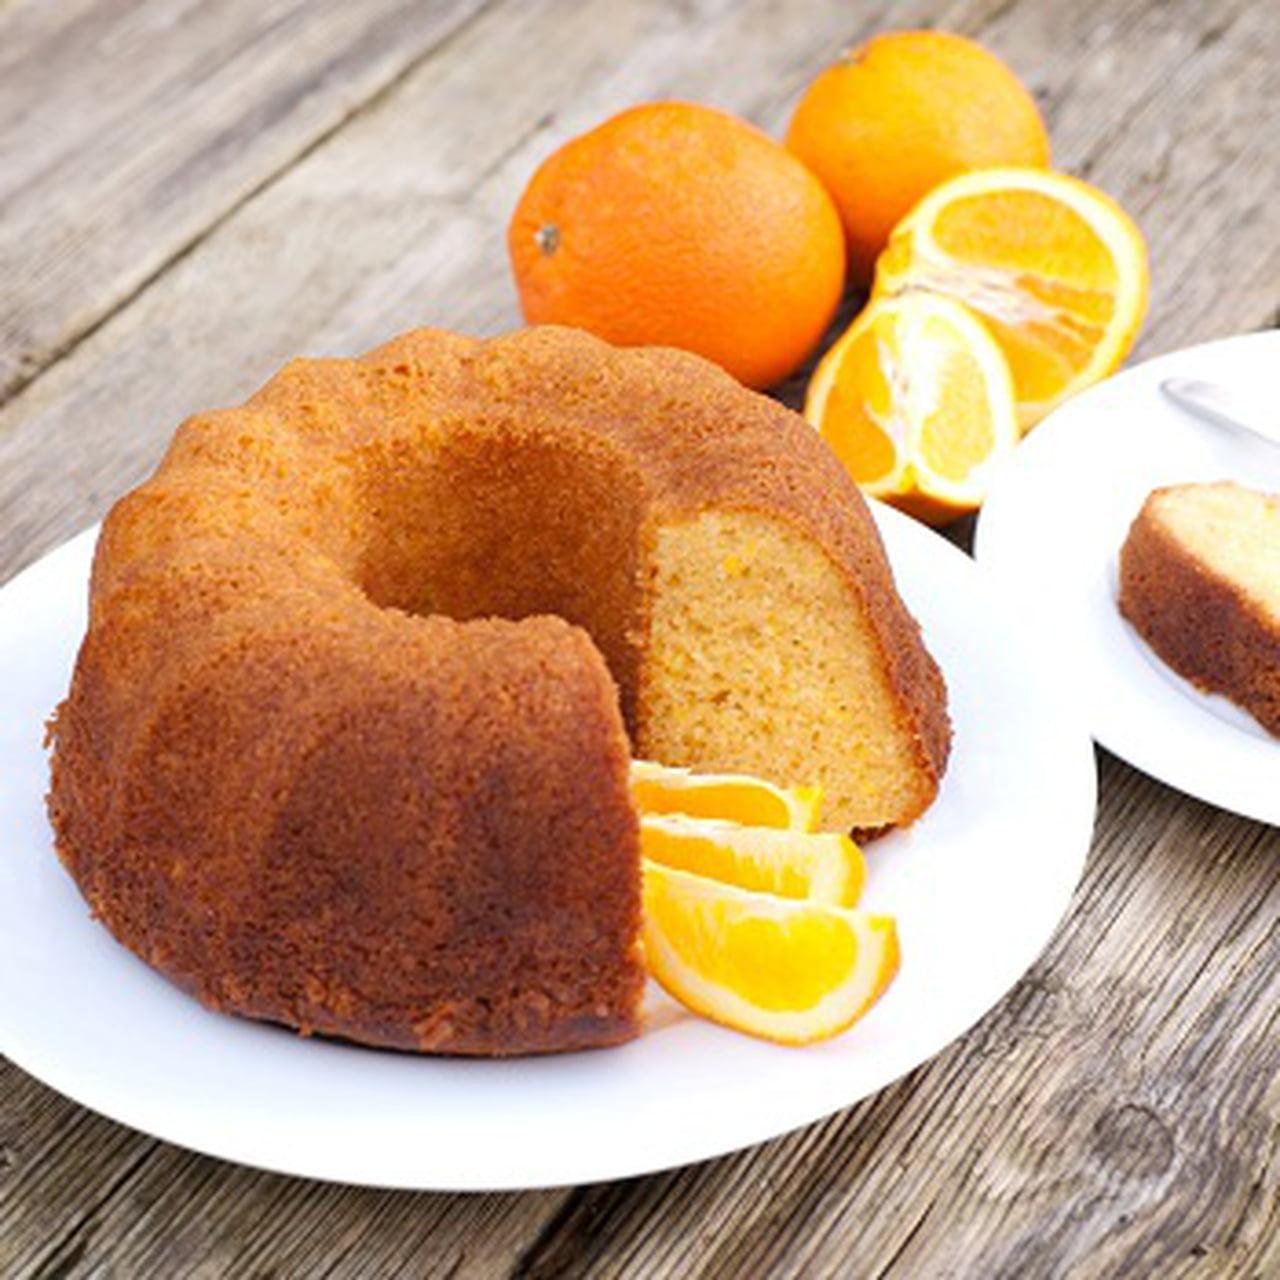 صور كيكة البرتقال عالم حواء , طريقة عمل كيك بطعم البرتقال